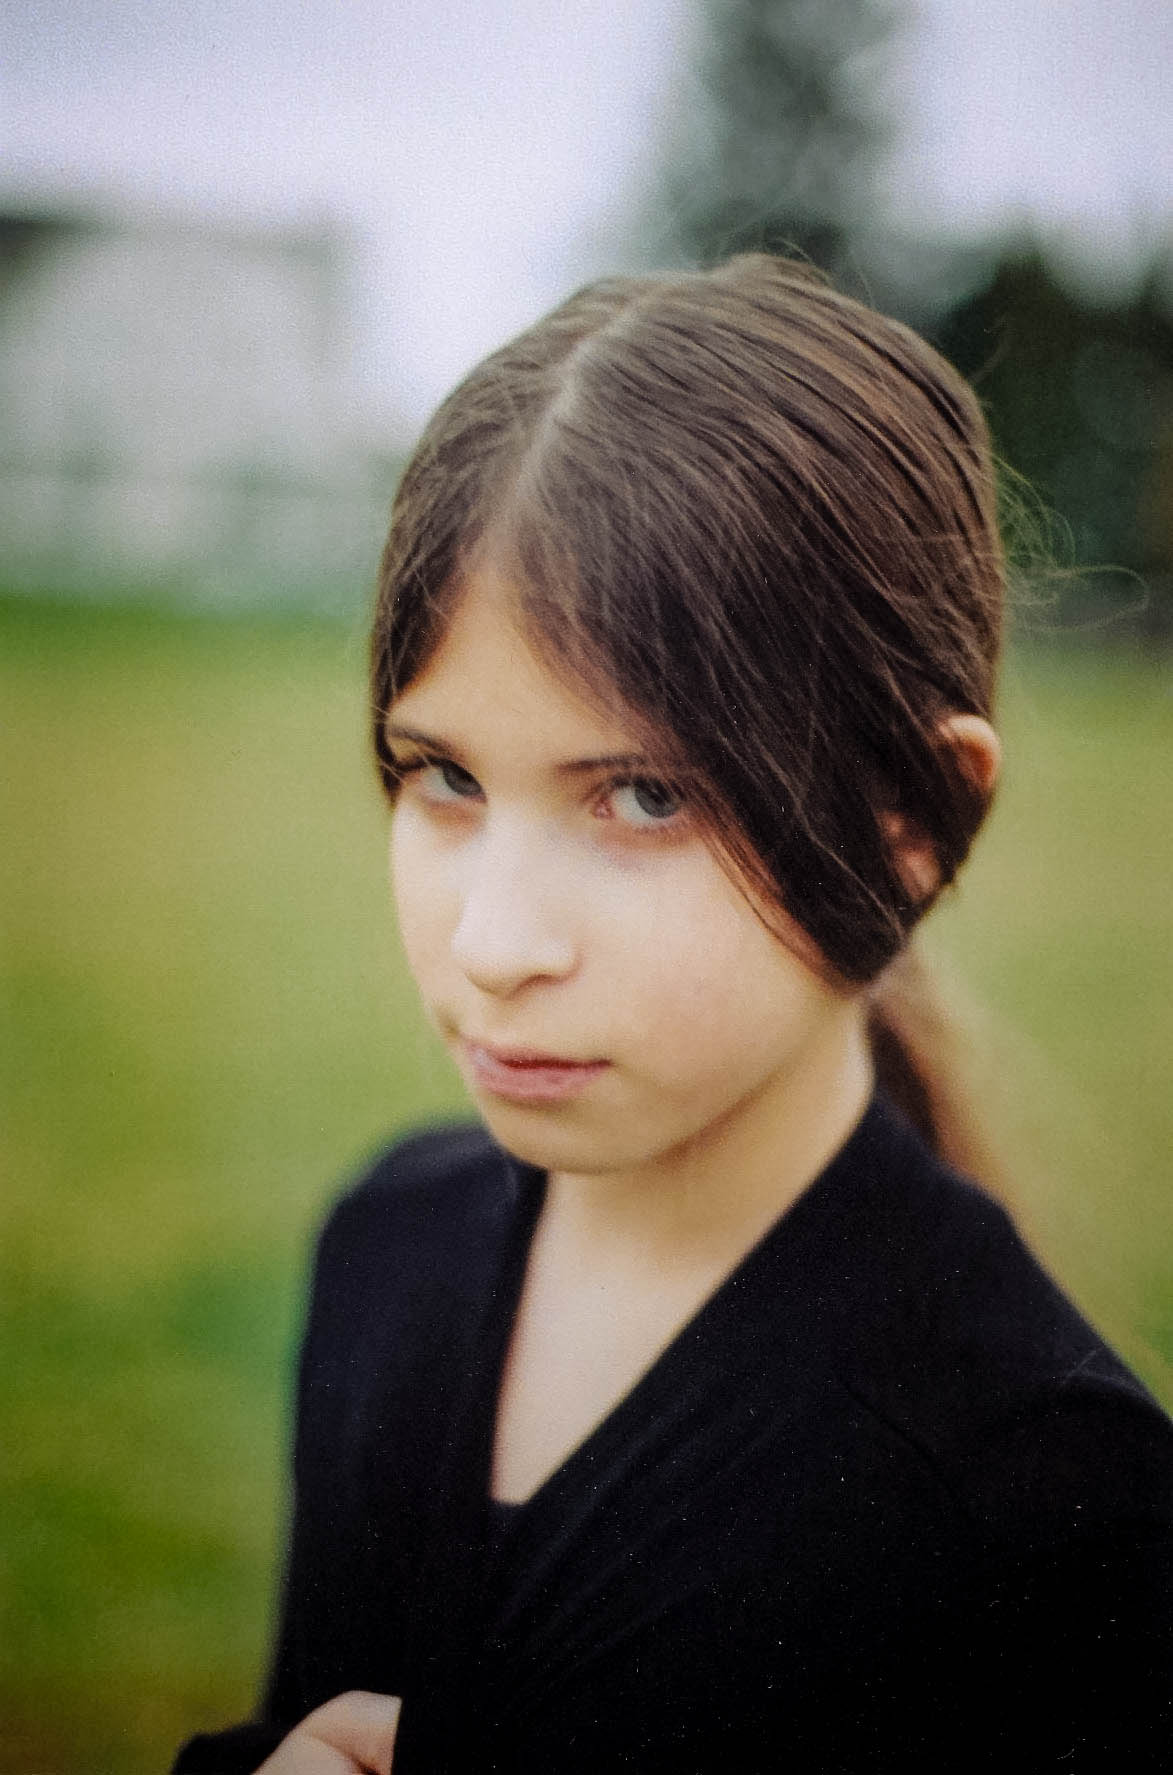 Gianna, 2015